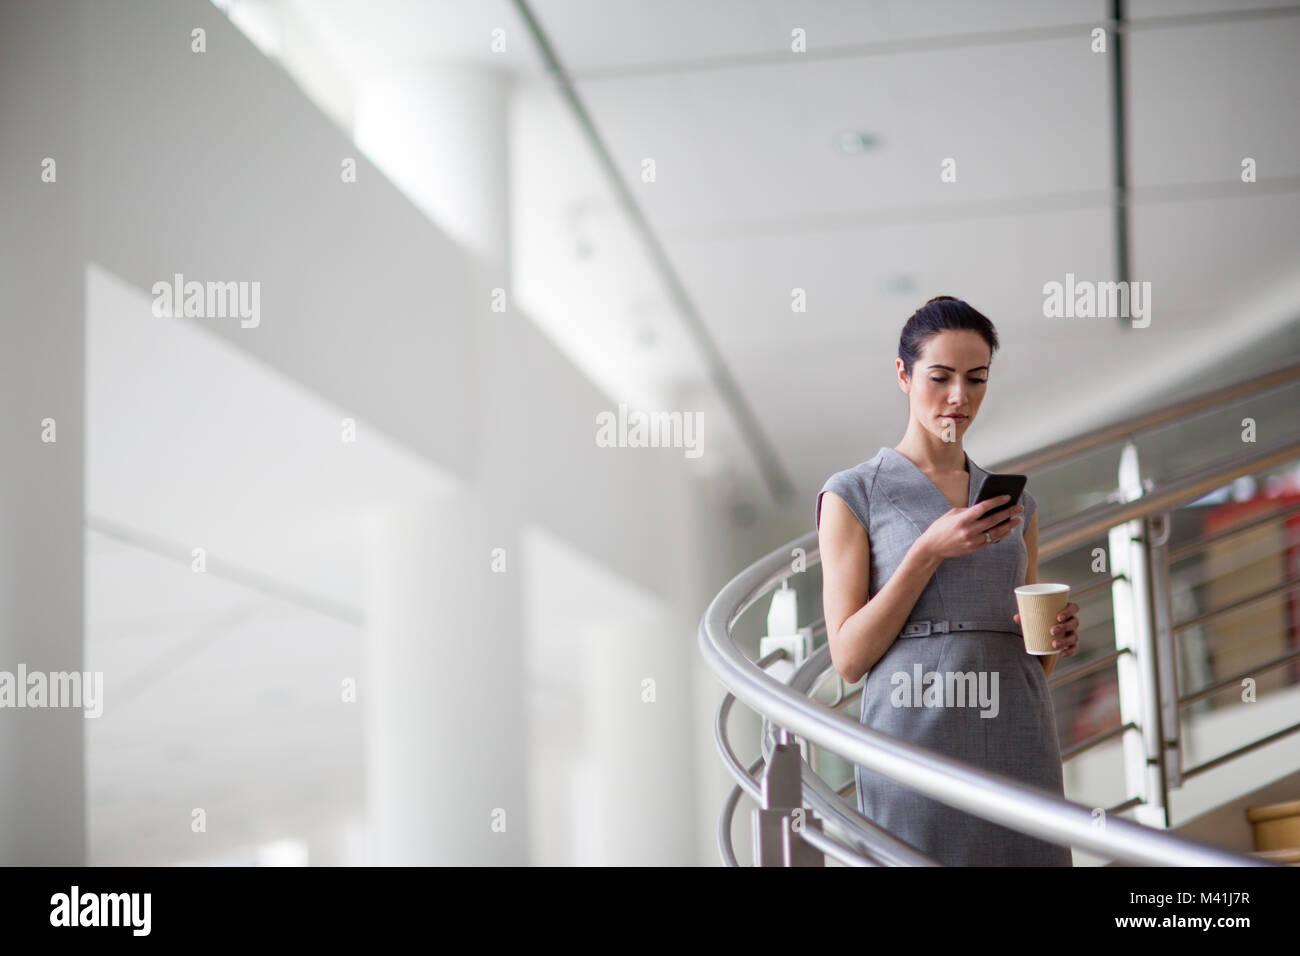 La empresaria mediante aplicación smartphone camino a su trabajo Imagen De Stock